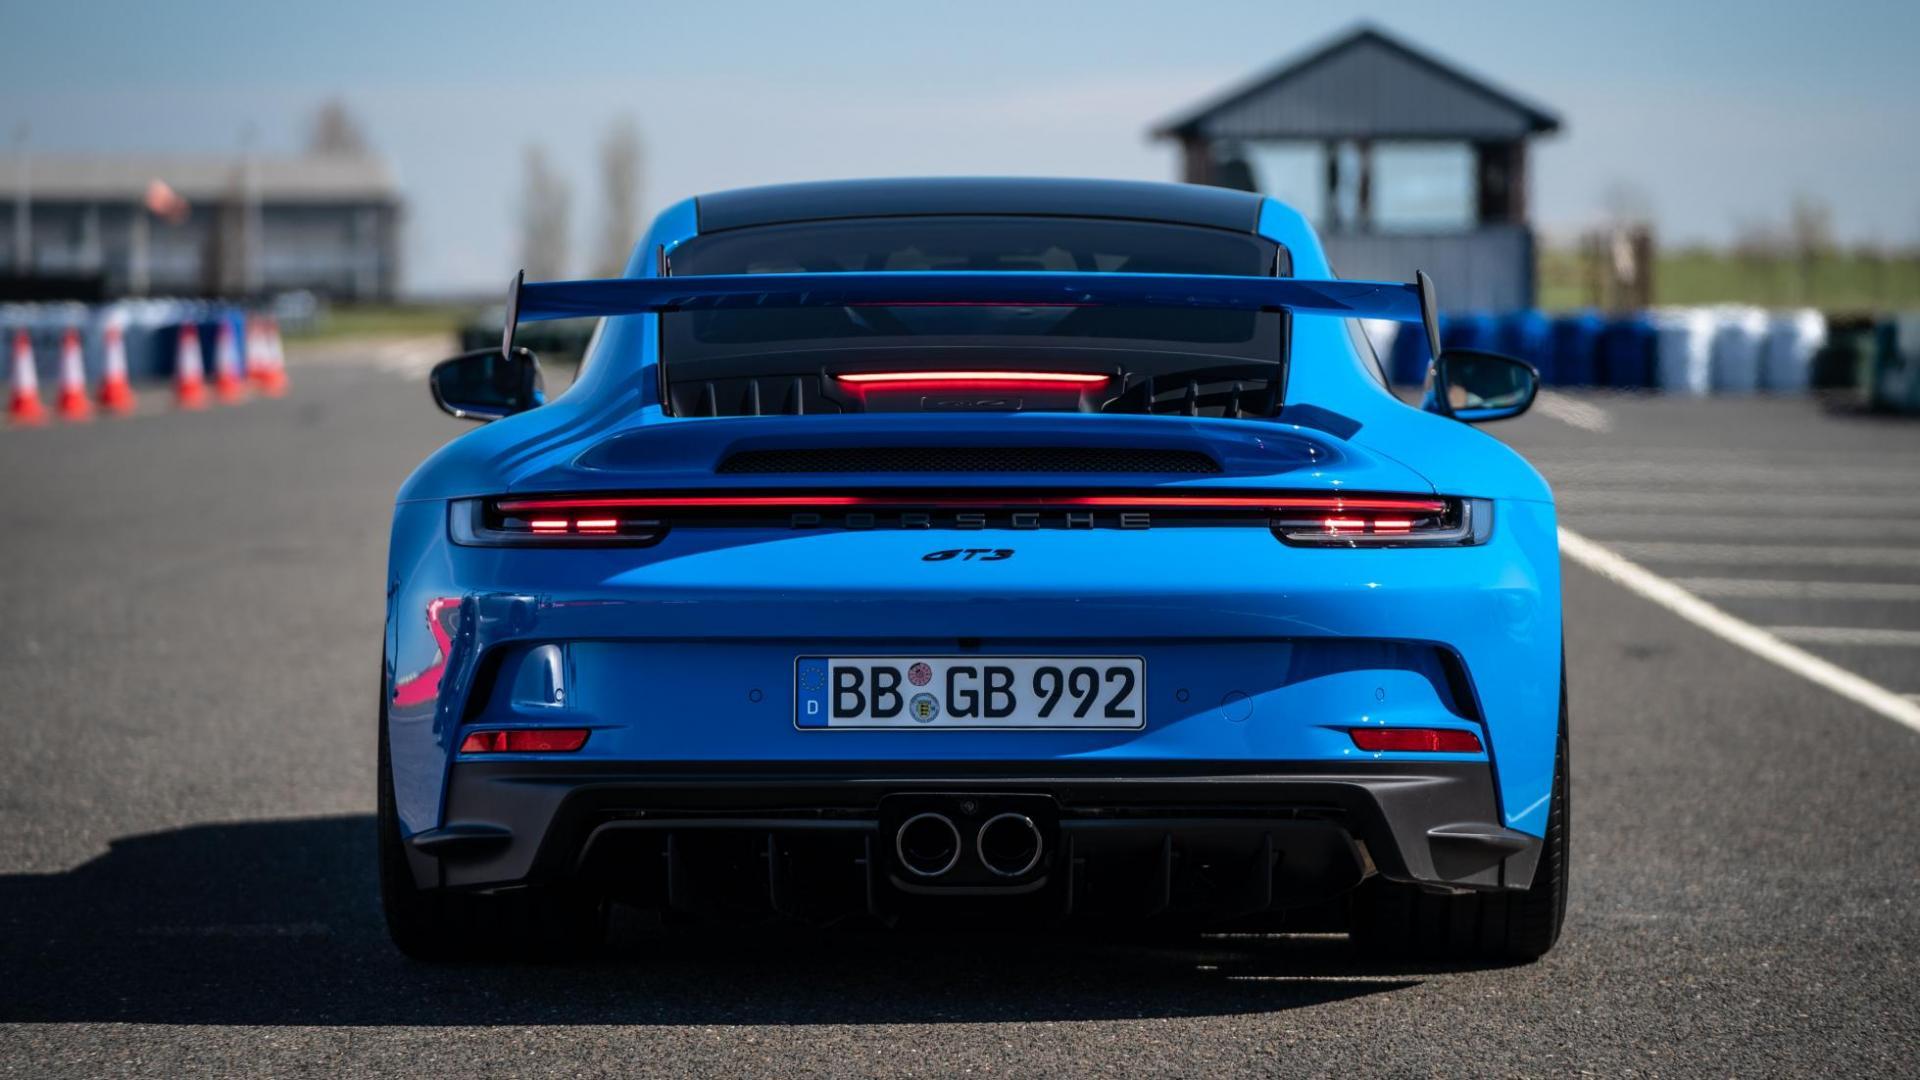 Achterkant, remlichten en uitlaat Porsche 911 GT3 (2021)